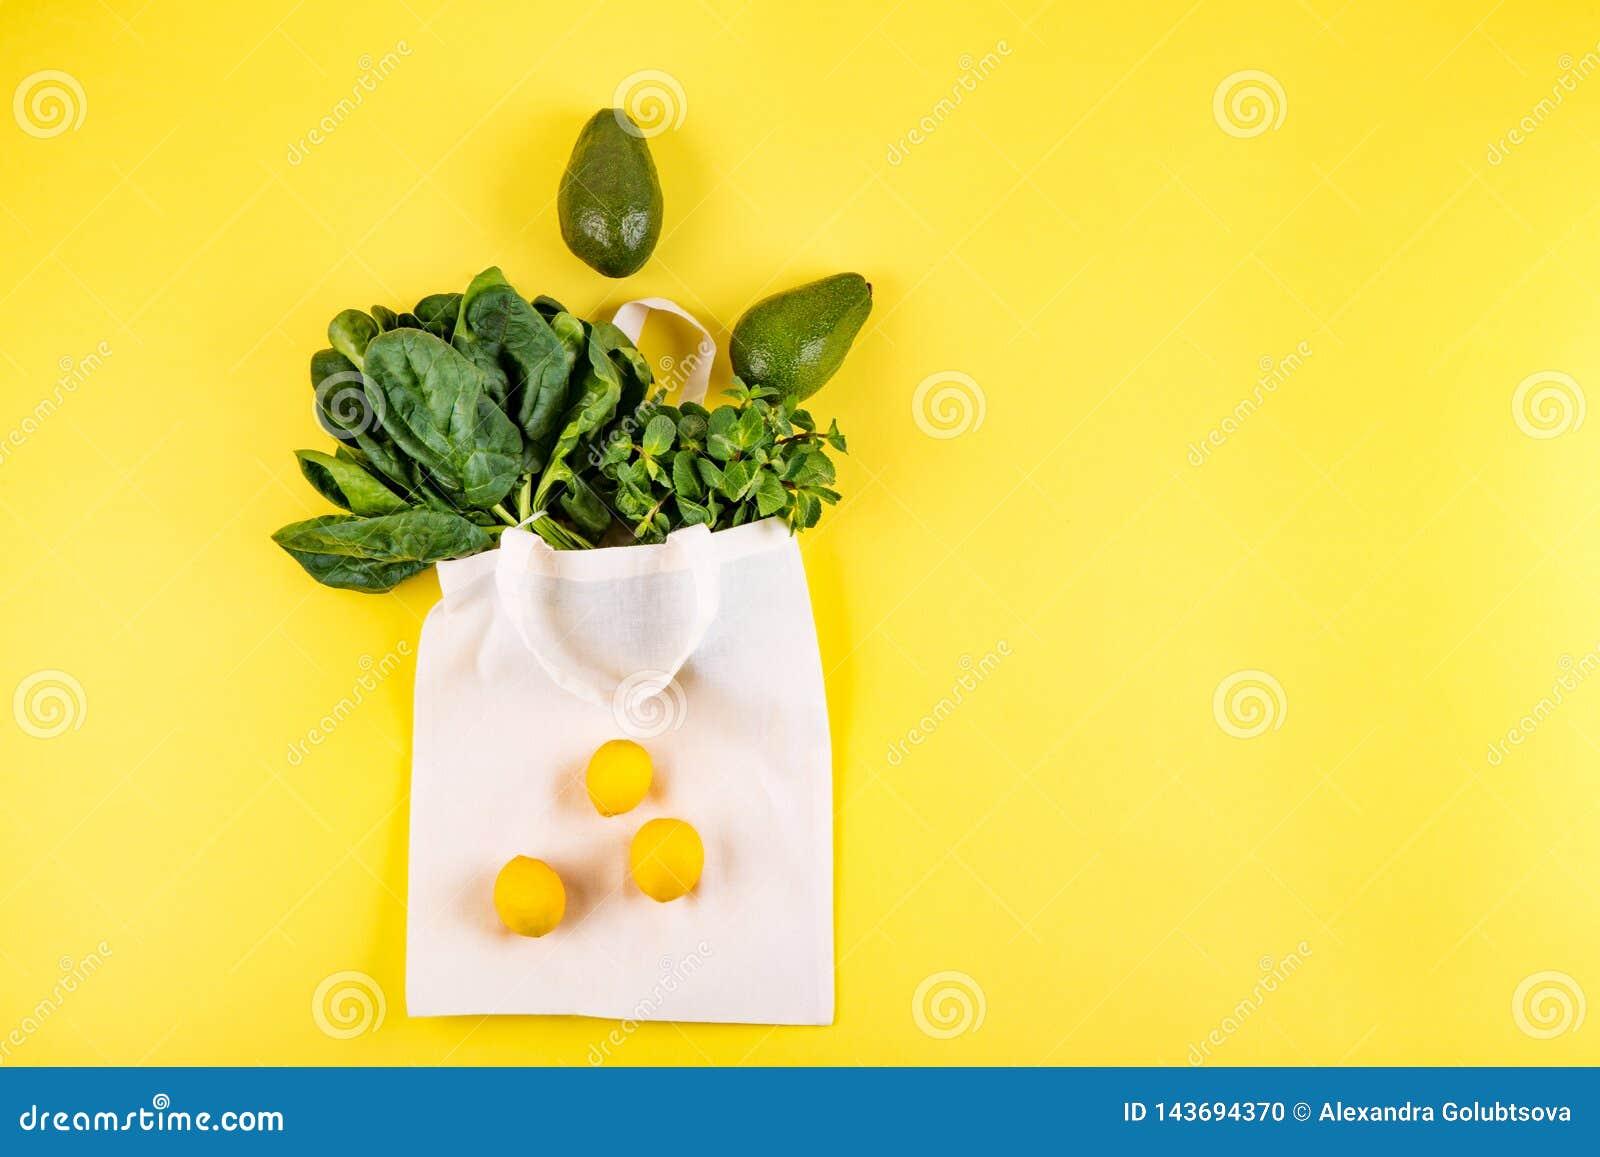 Estilo puesto plano de la fruta y verdura